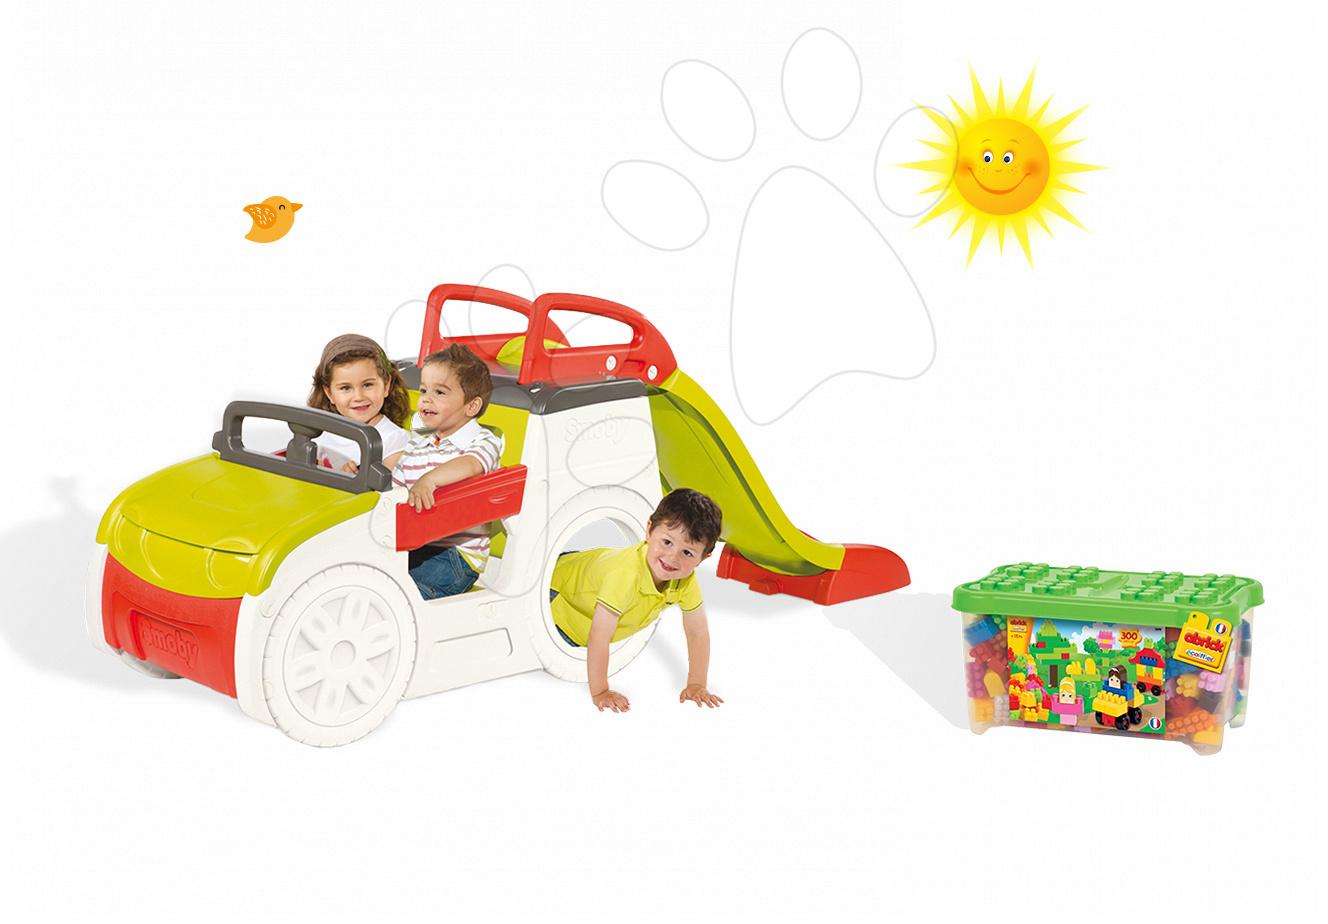 Set dětská prolézačka Adventure Car Smoby se skluzavkou dlouhou 150 cm a stavebnice Abrick 300 ks od 2 let